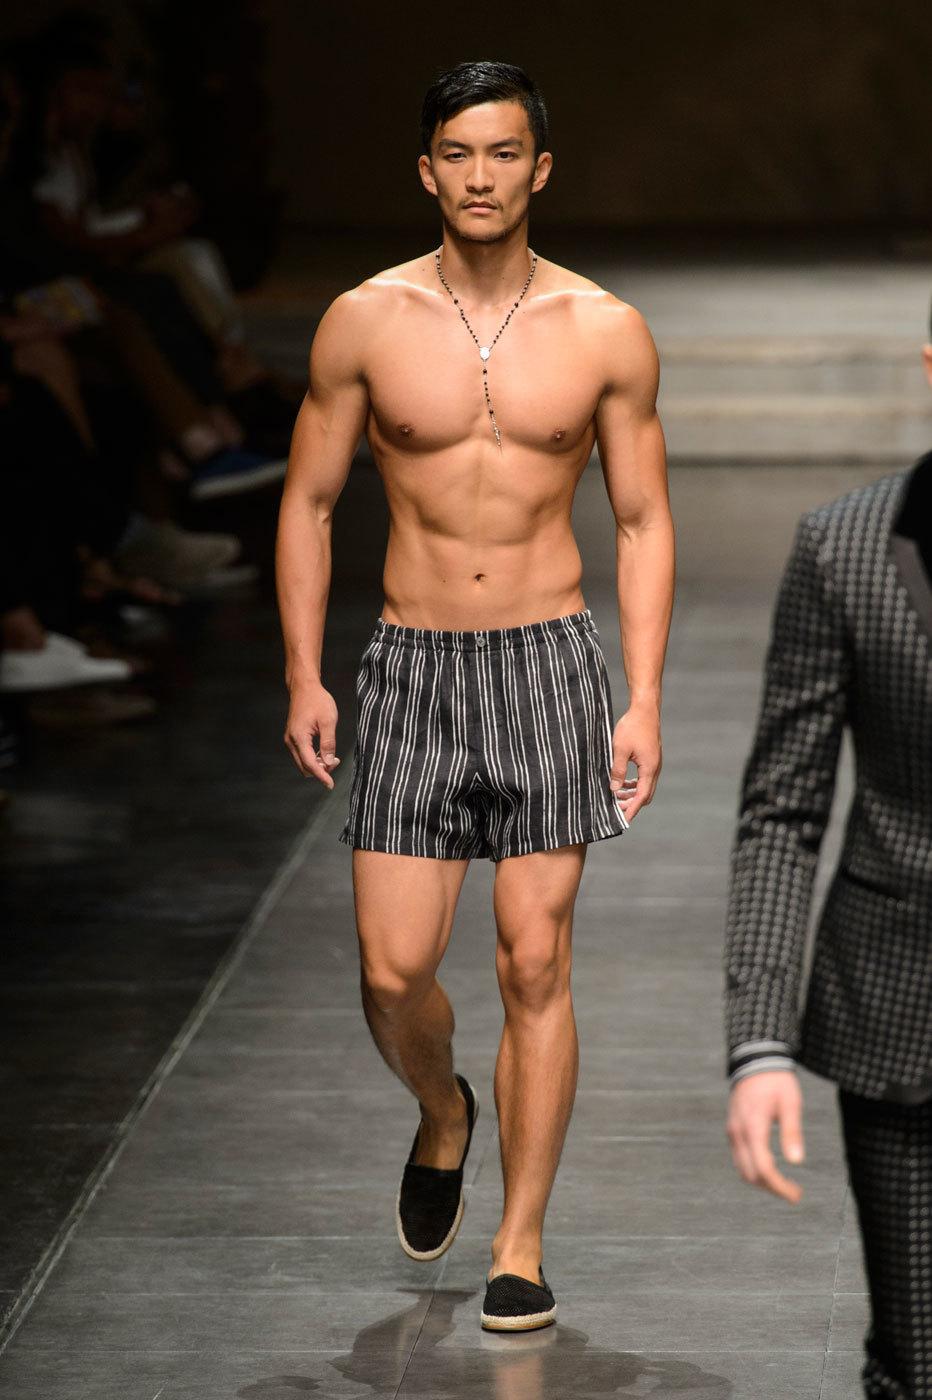 Costumi da bagno Uomo: boxer da mare, slip, a calzoncini ...